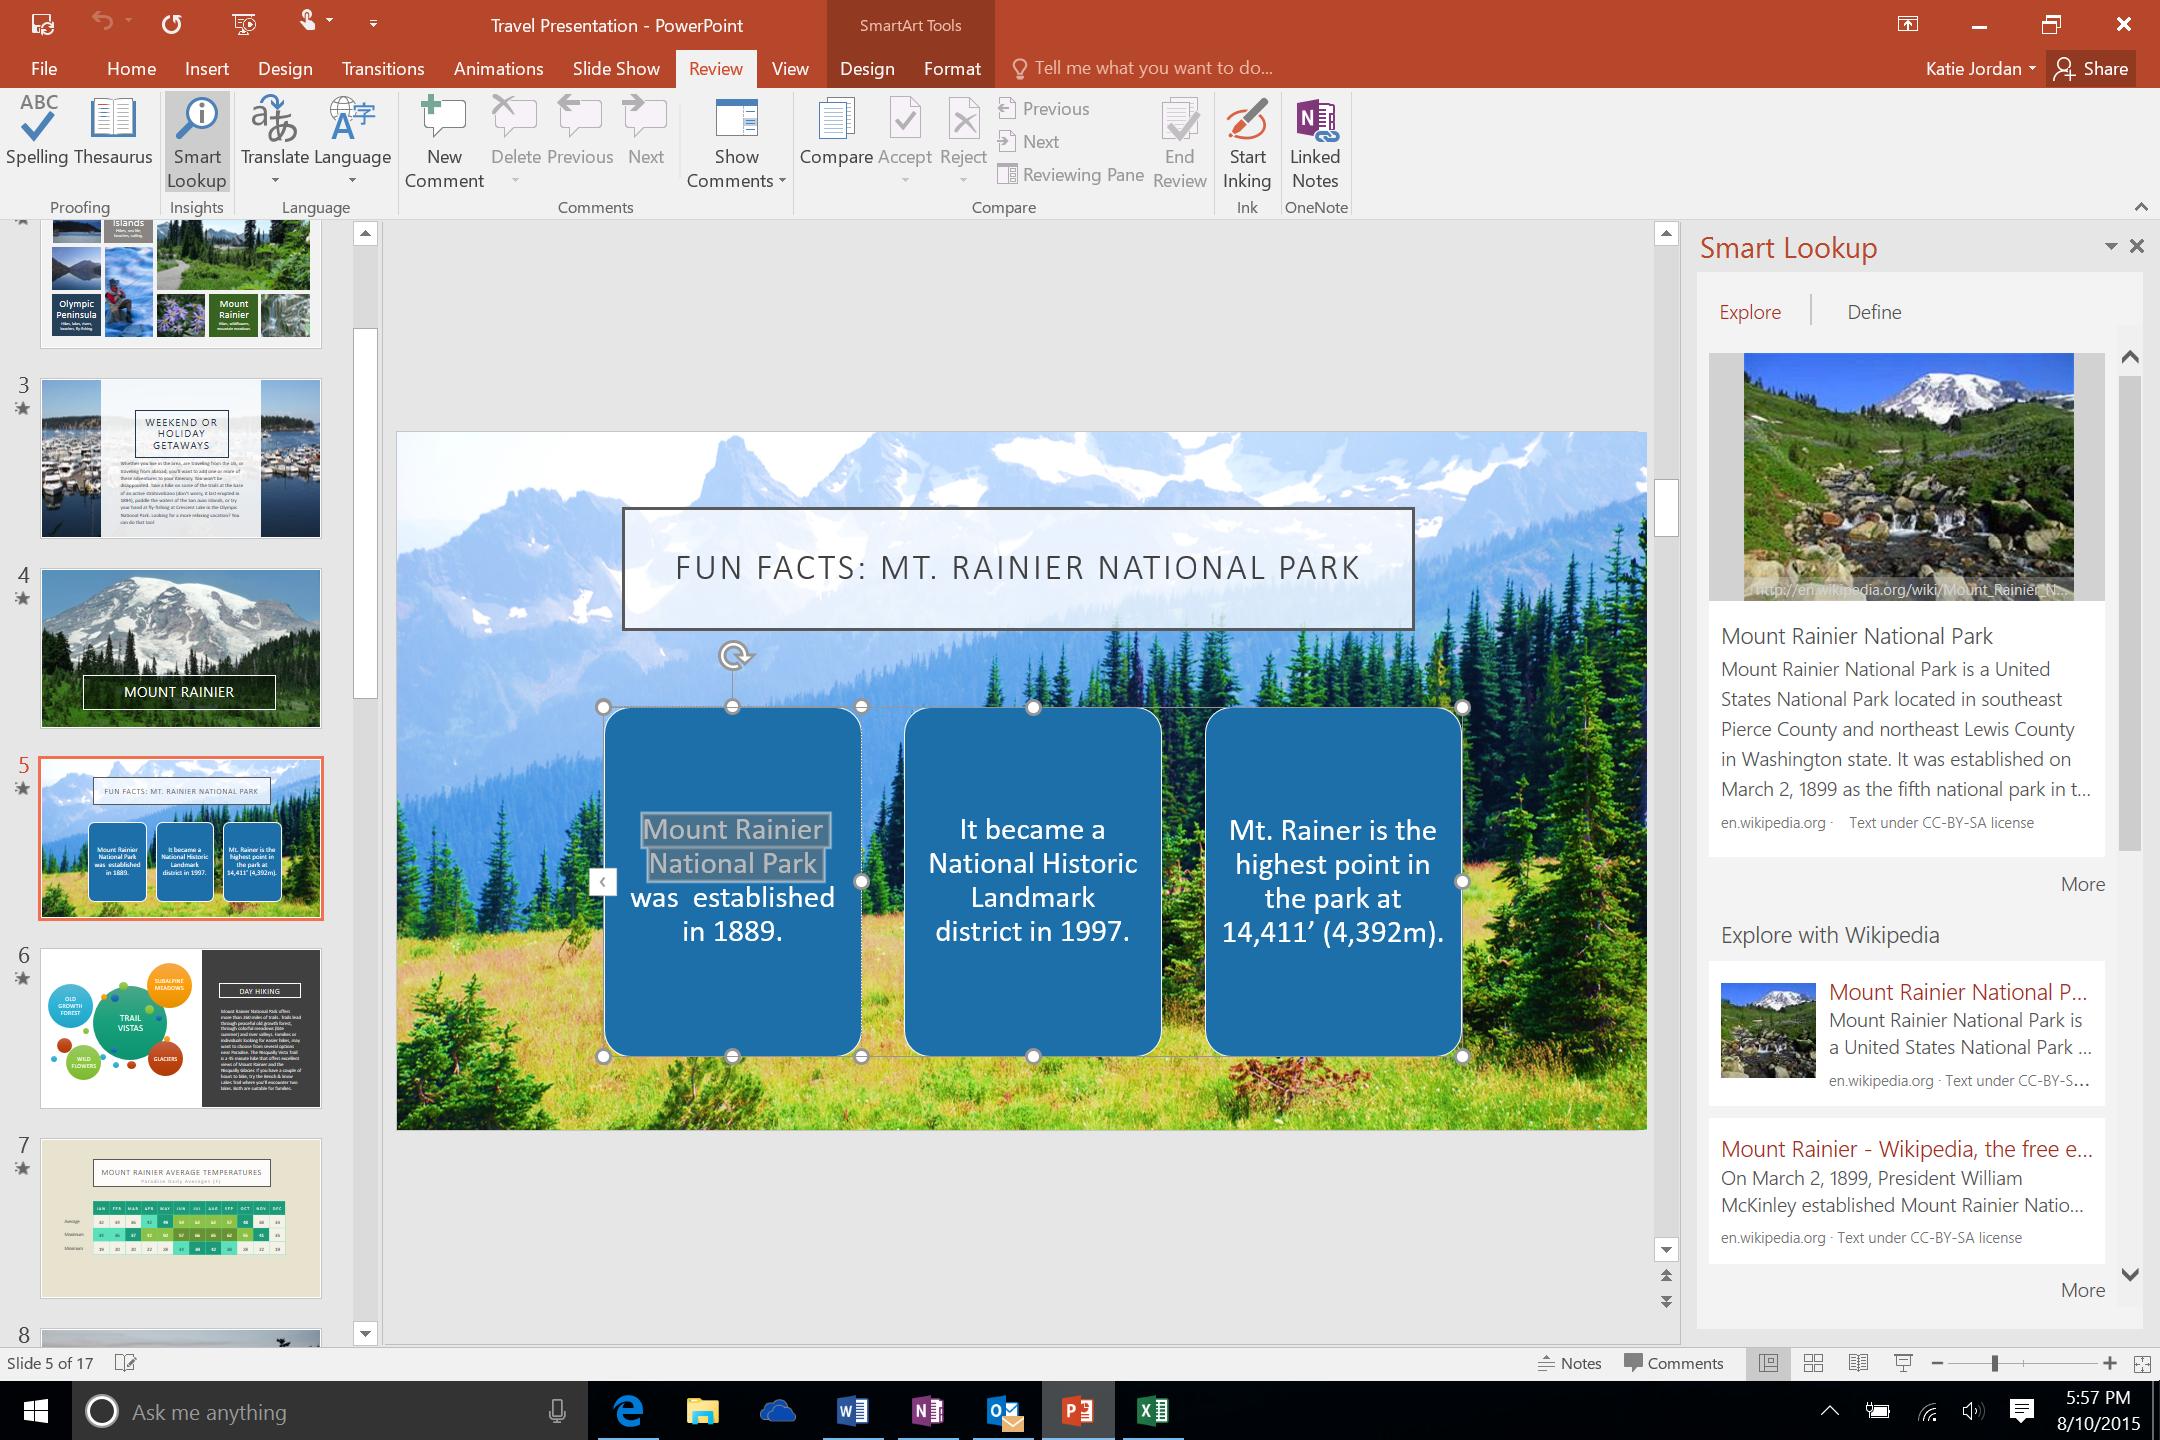 Smart Lookup in PowerPoint 2016